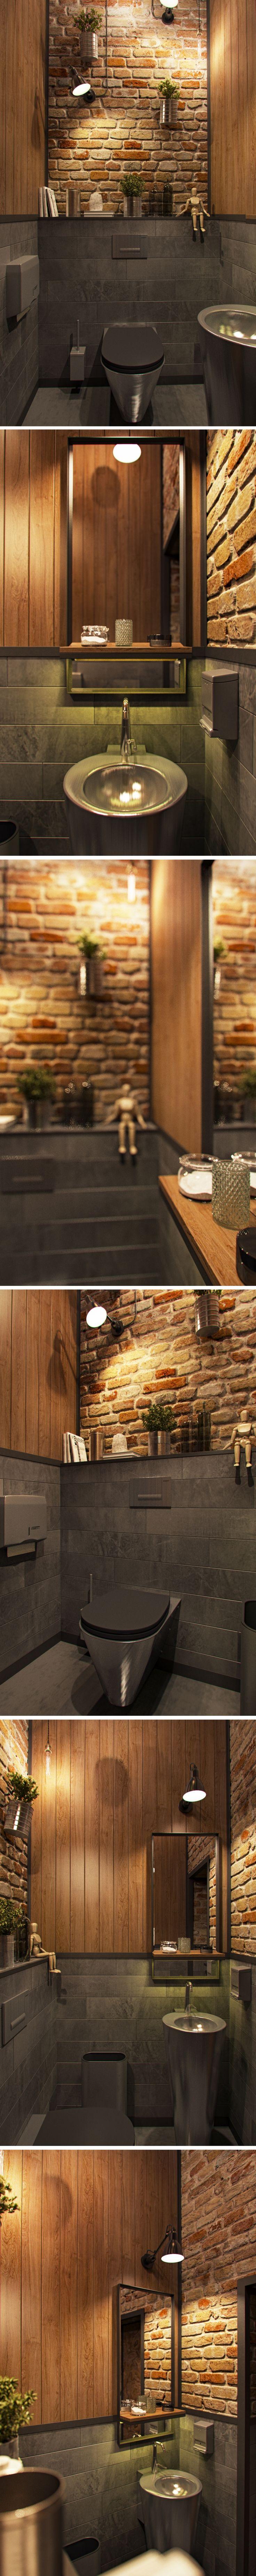 toilet | loft - 3ddd.ru Gallery